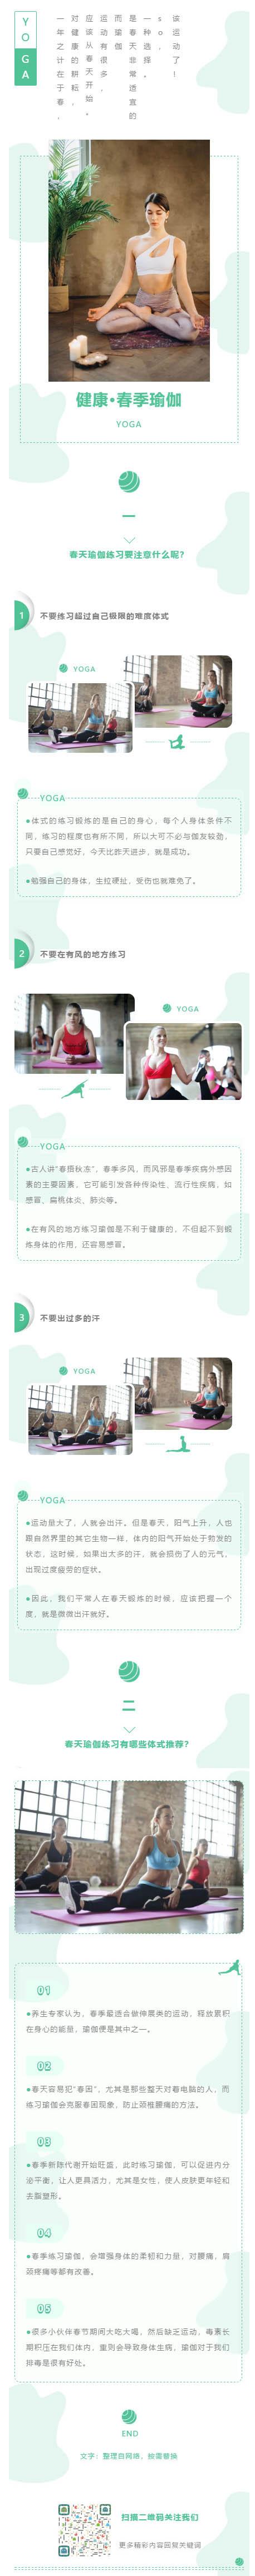 健康瑜伽绿色养生清新简约微信模板公众号推送图文推文素材